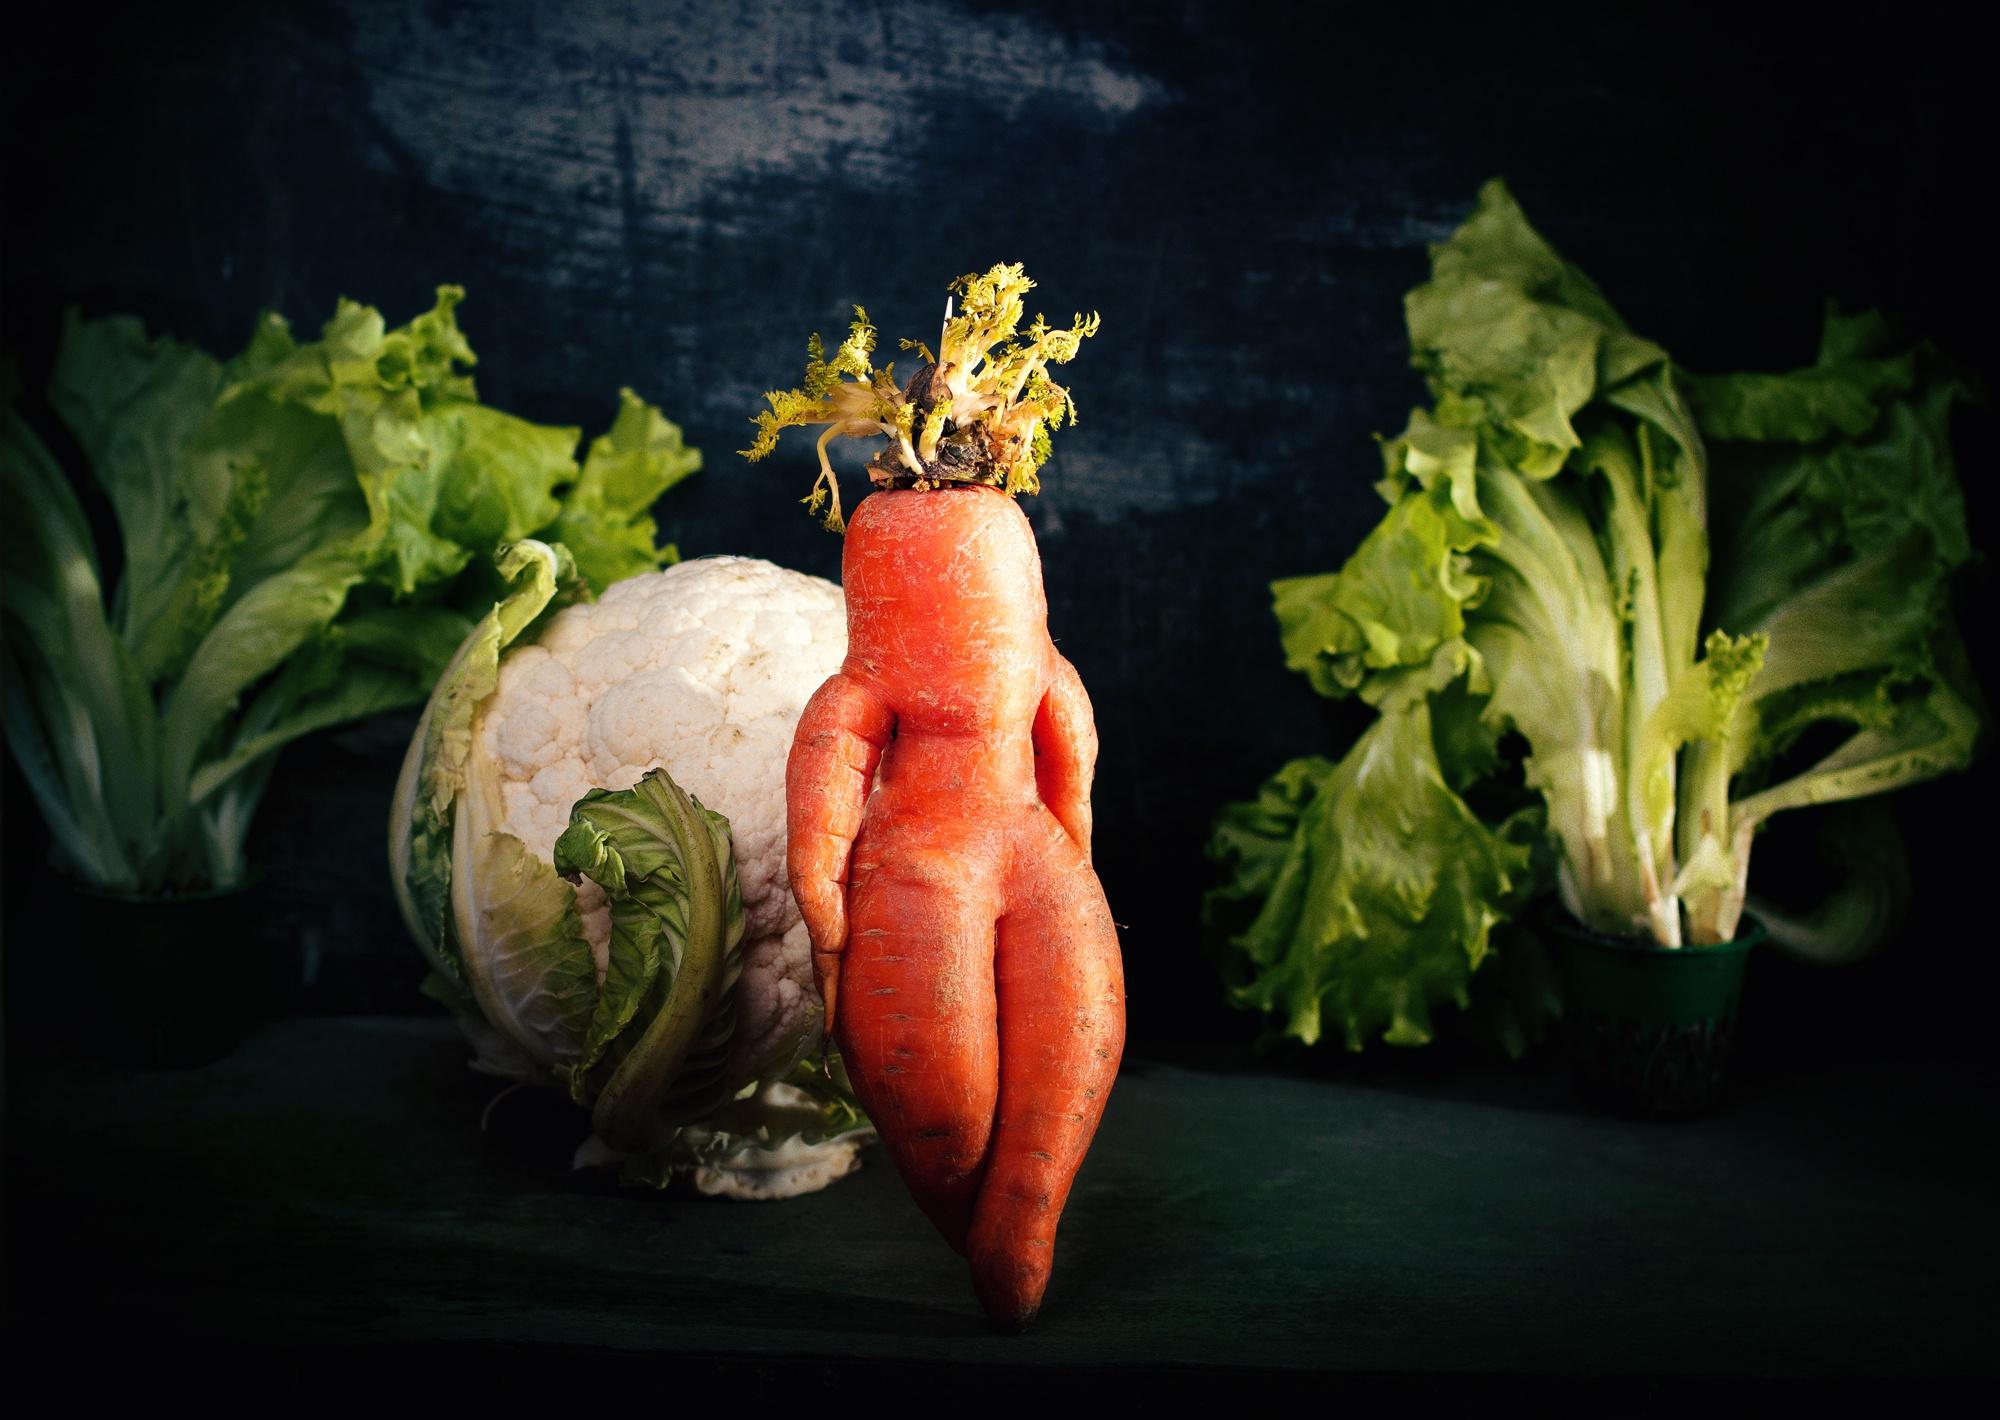 Картинки прикольные, прикольные картинки фрукты овощи